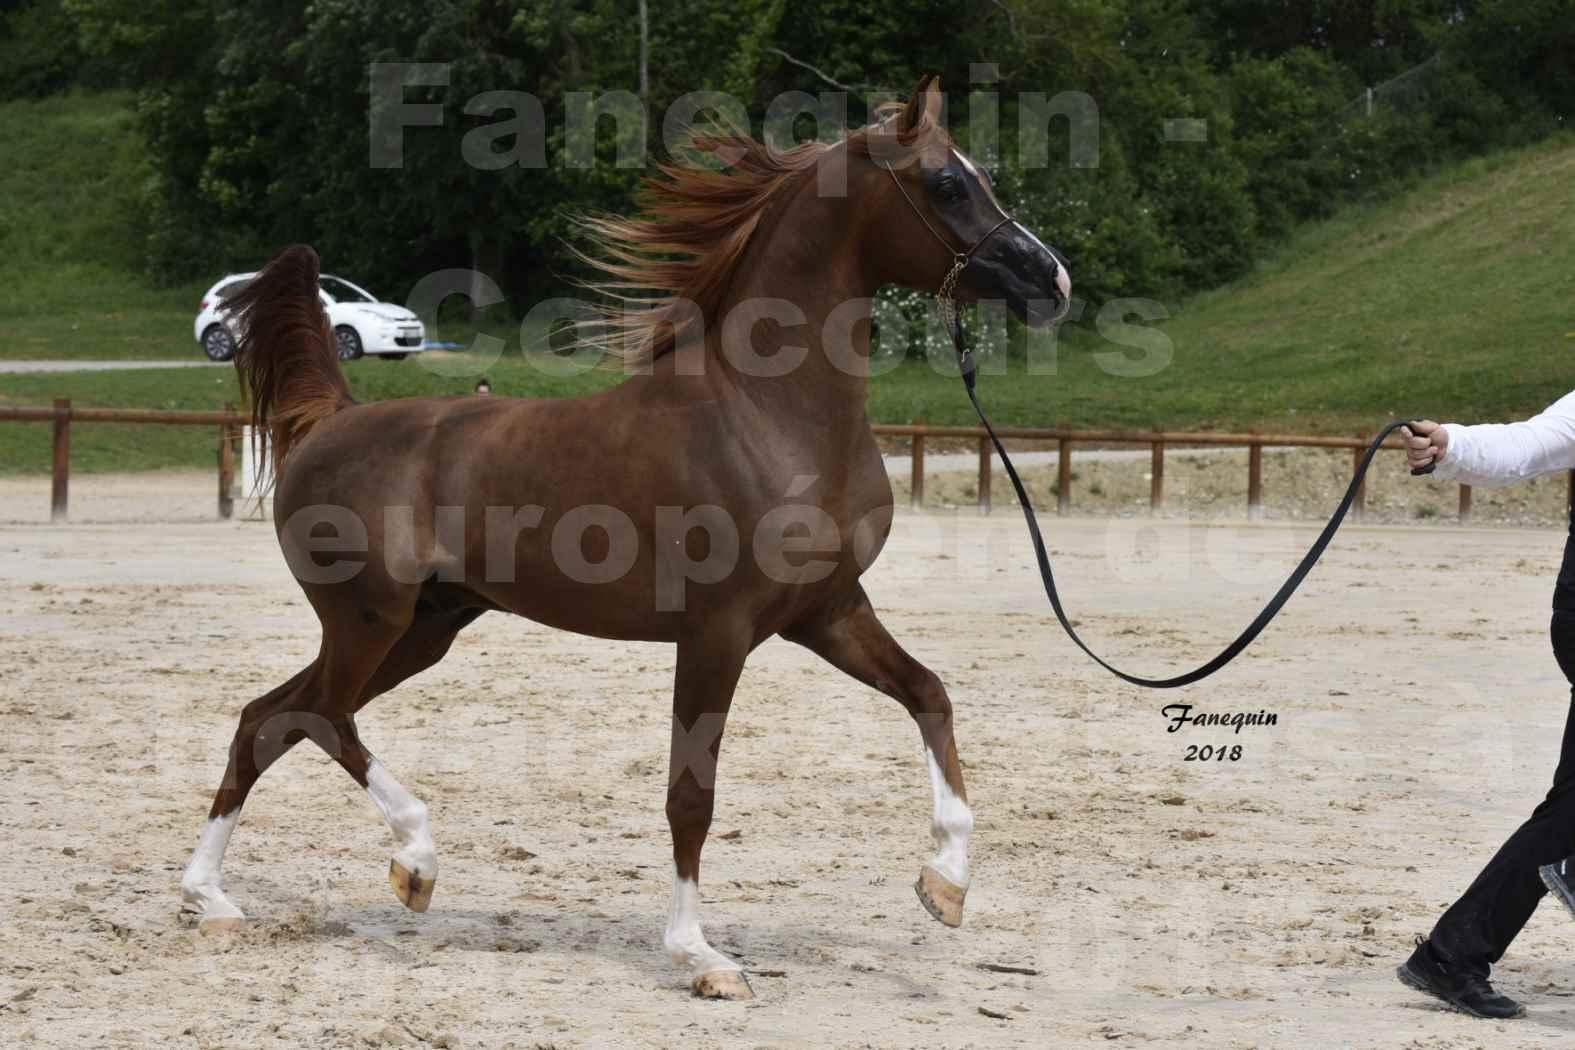 Concours Européen de chevaux Arabes à Chazey sur Ain 2018 - FANTASTIK - Notre Sélection - 3